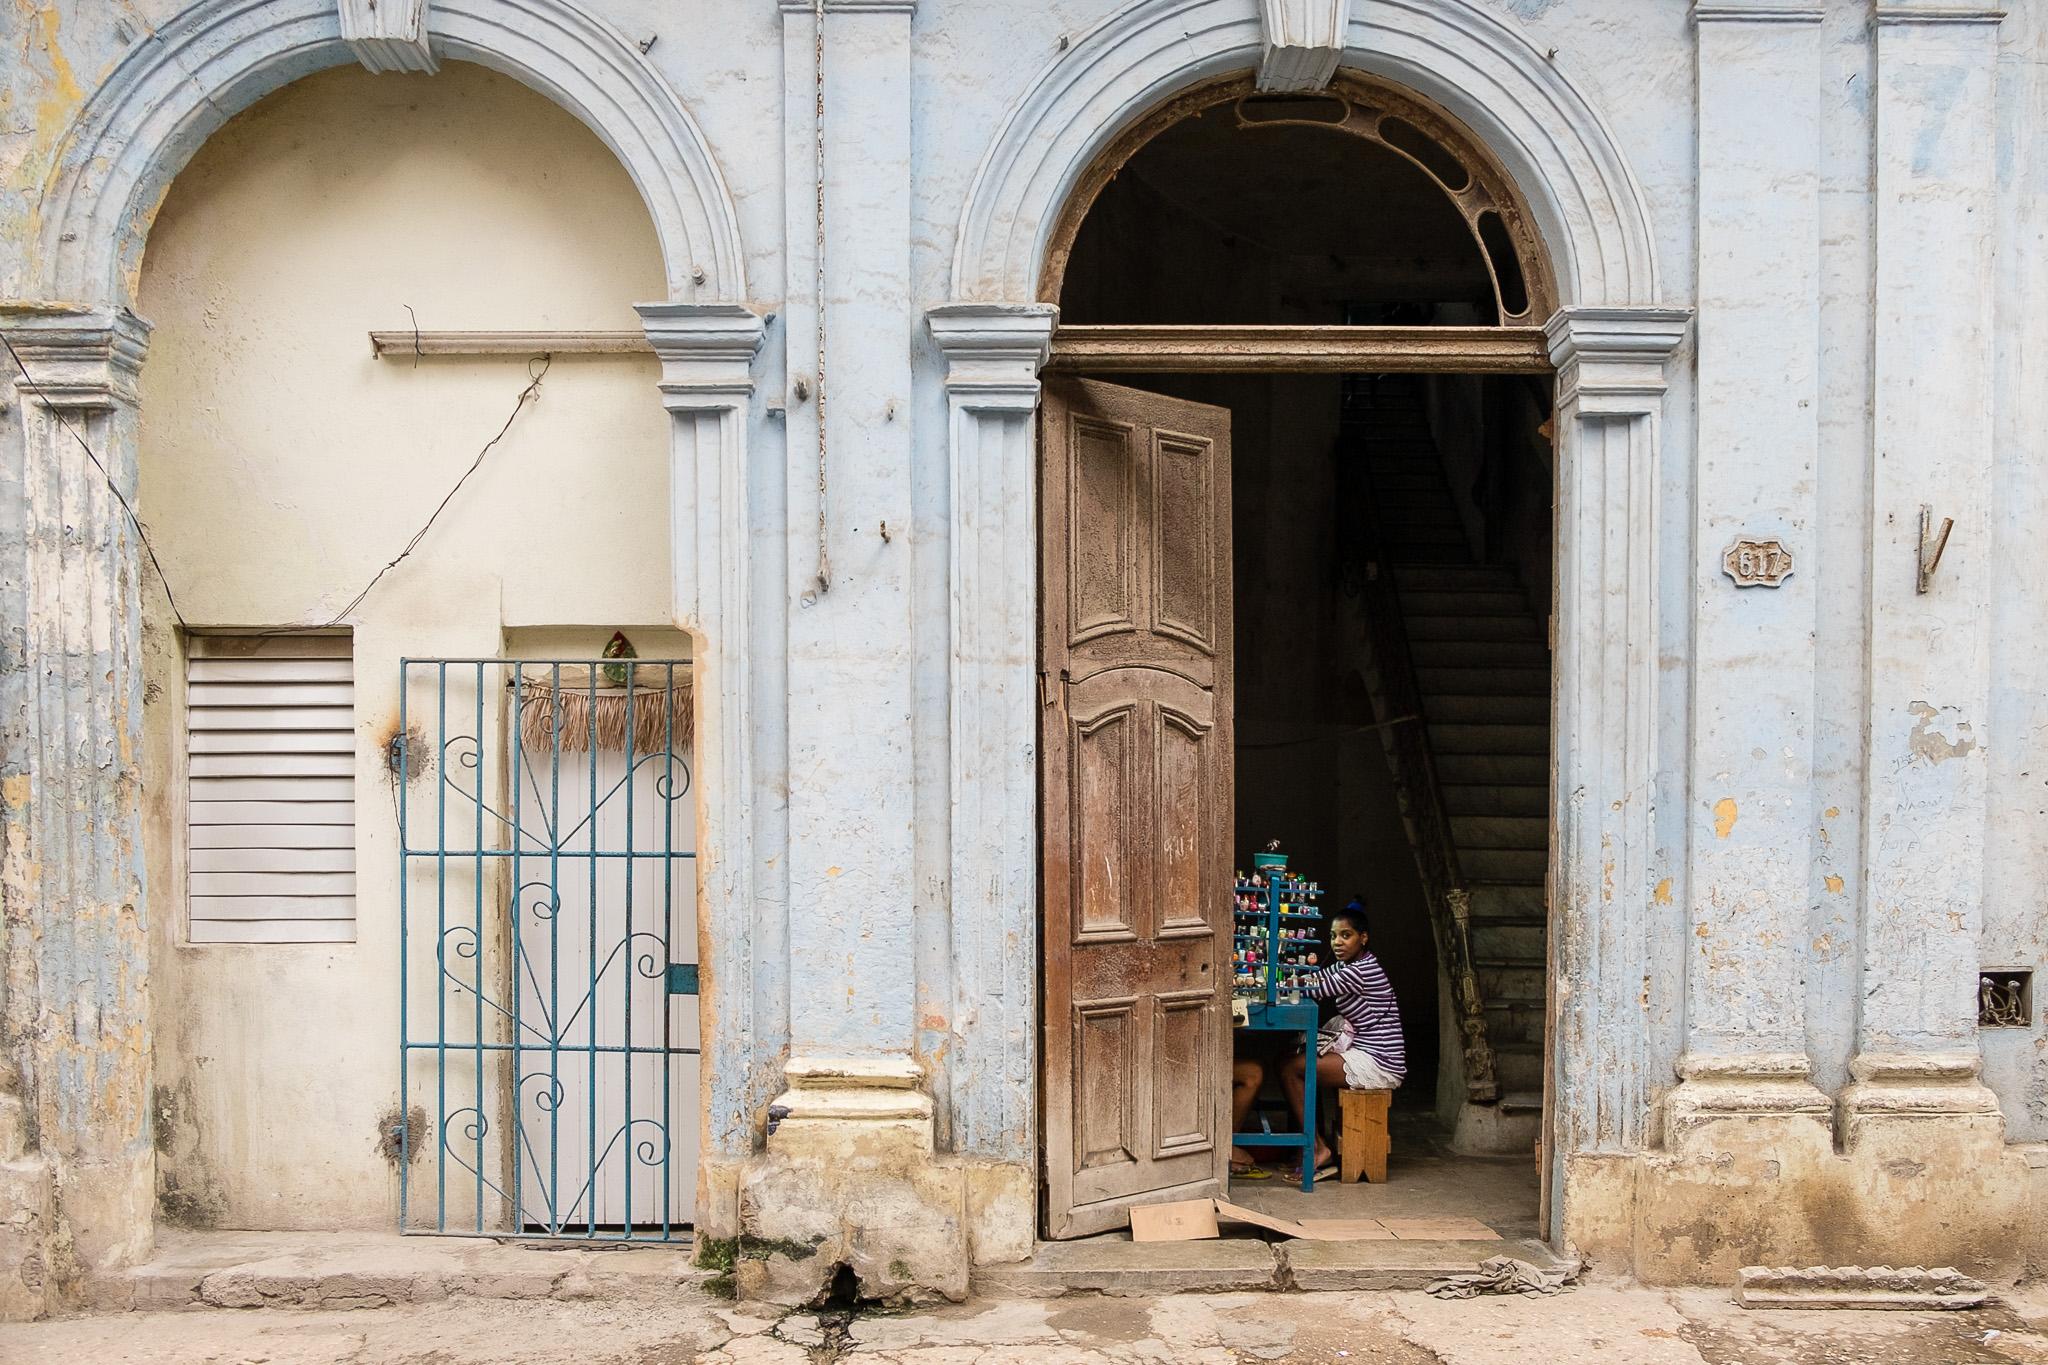 Cuba-2017-12-Havana-0136.jpg